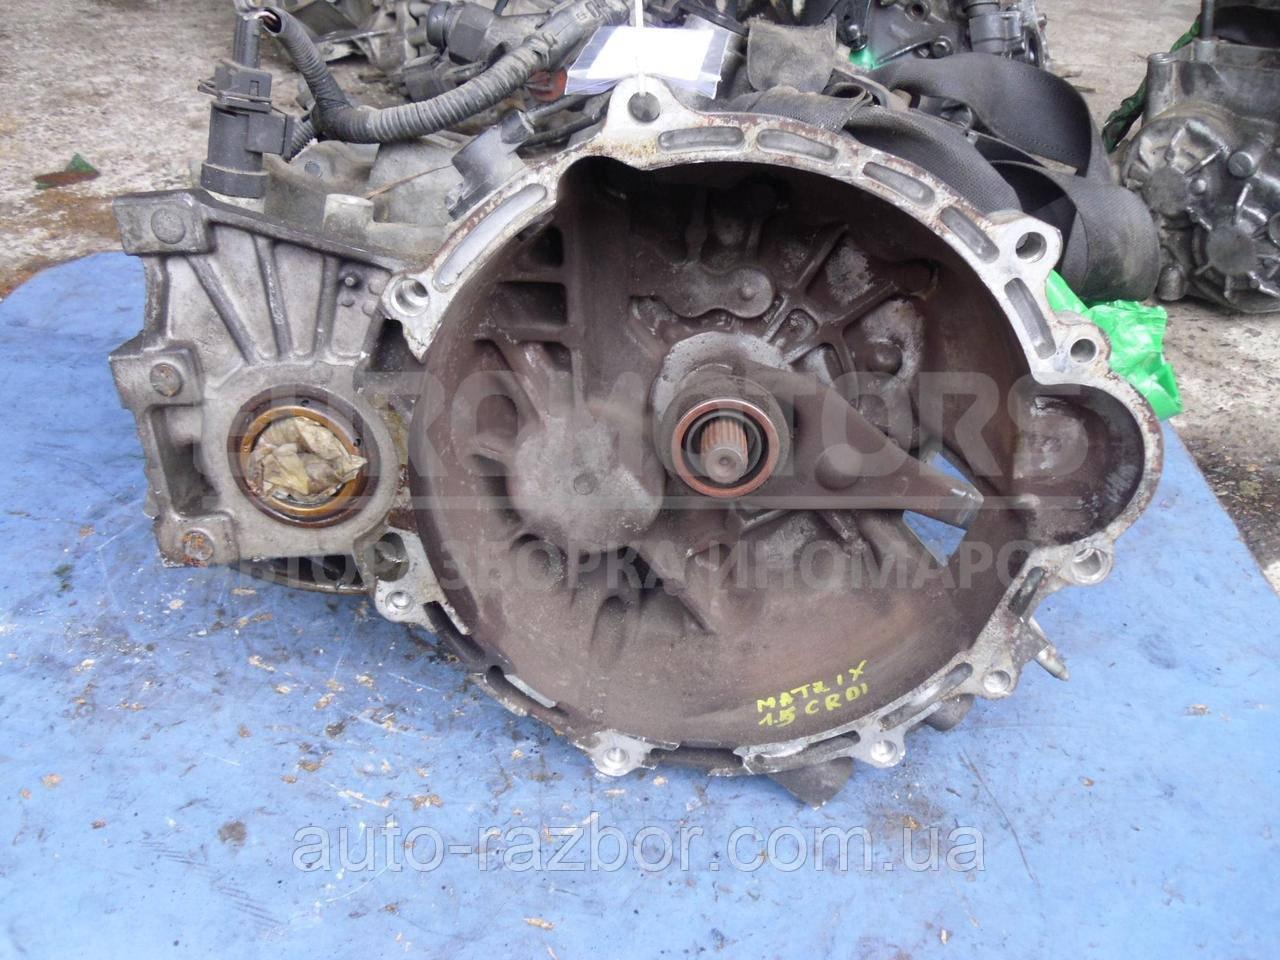 МКПП (механічна коробка перемикання передач), 5-ступка гідр натиск Hyundai Getz 2002-2010 1.5 crdi M56CF2